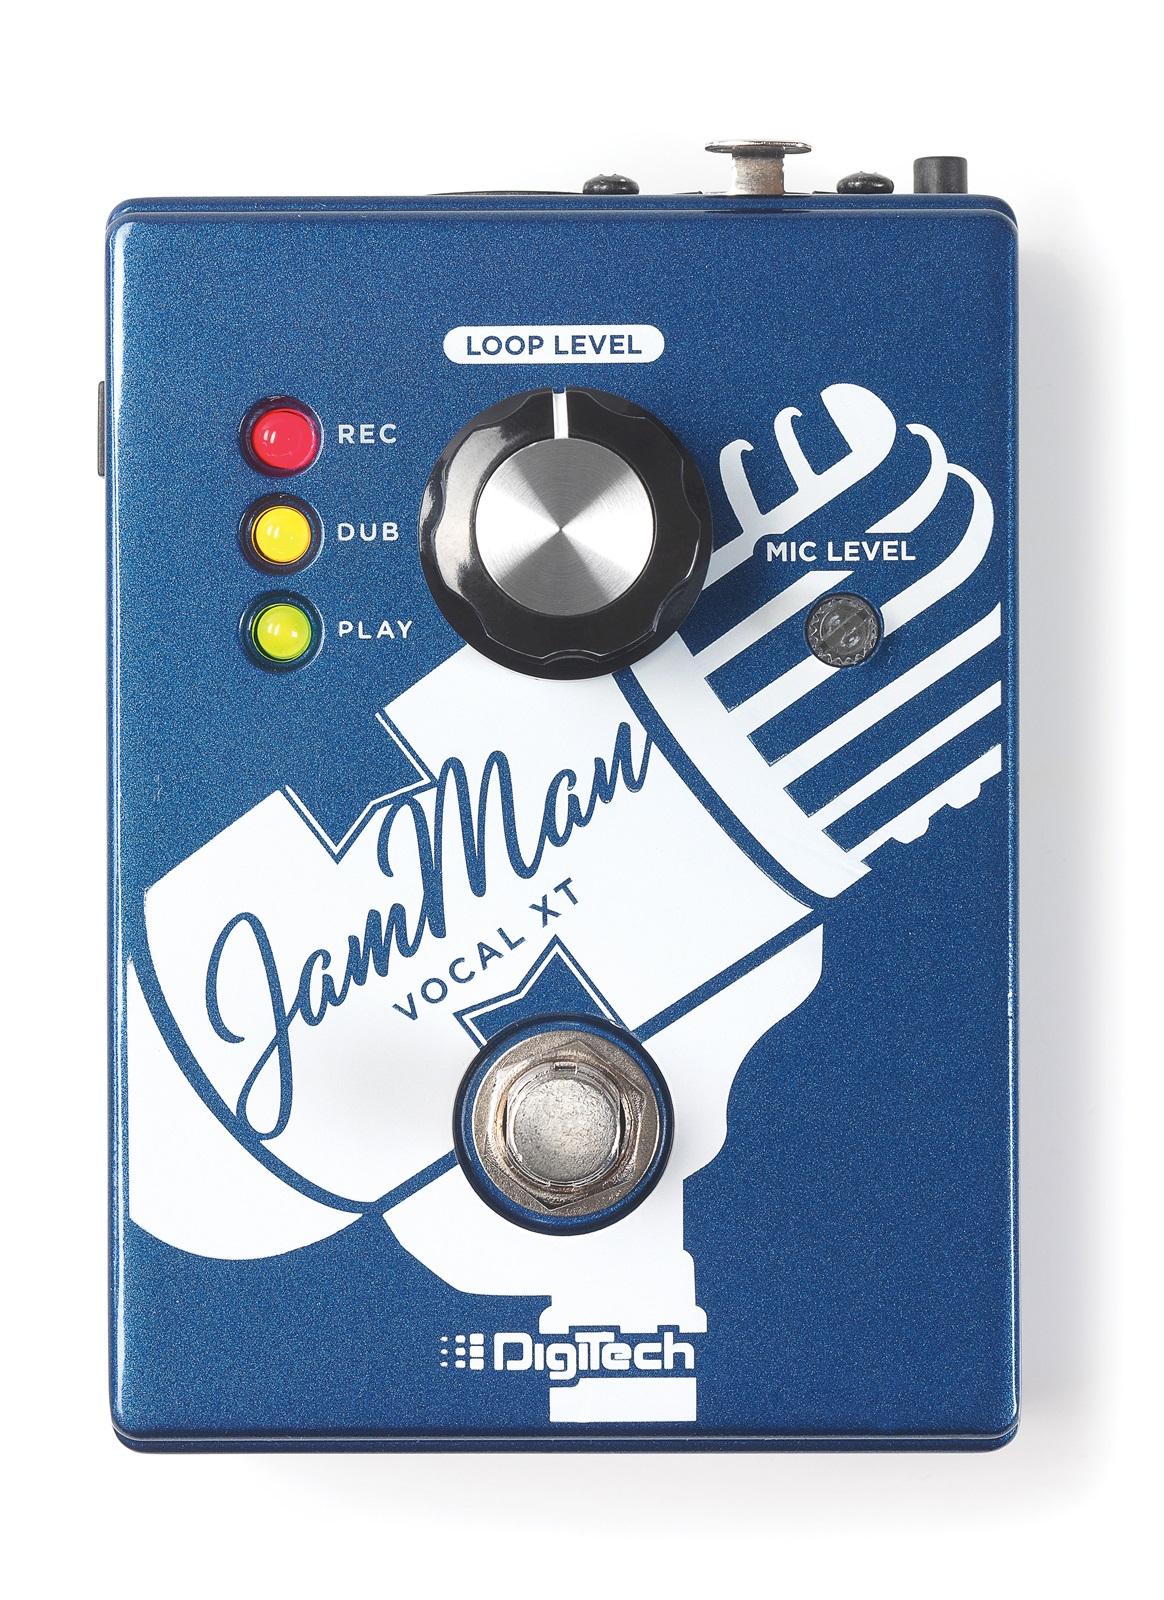 Digitech JamMan Vocal XT Looper Pedal